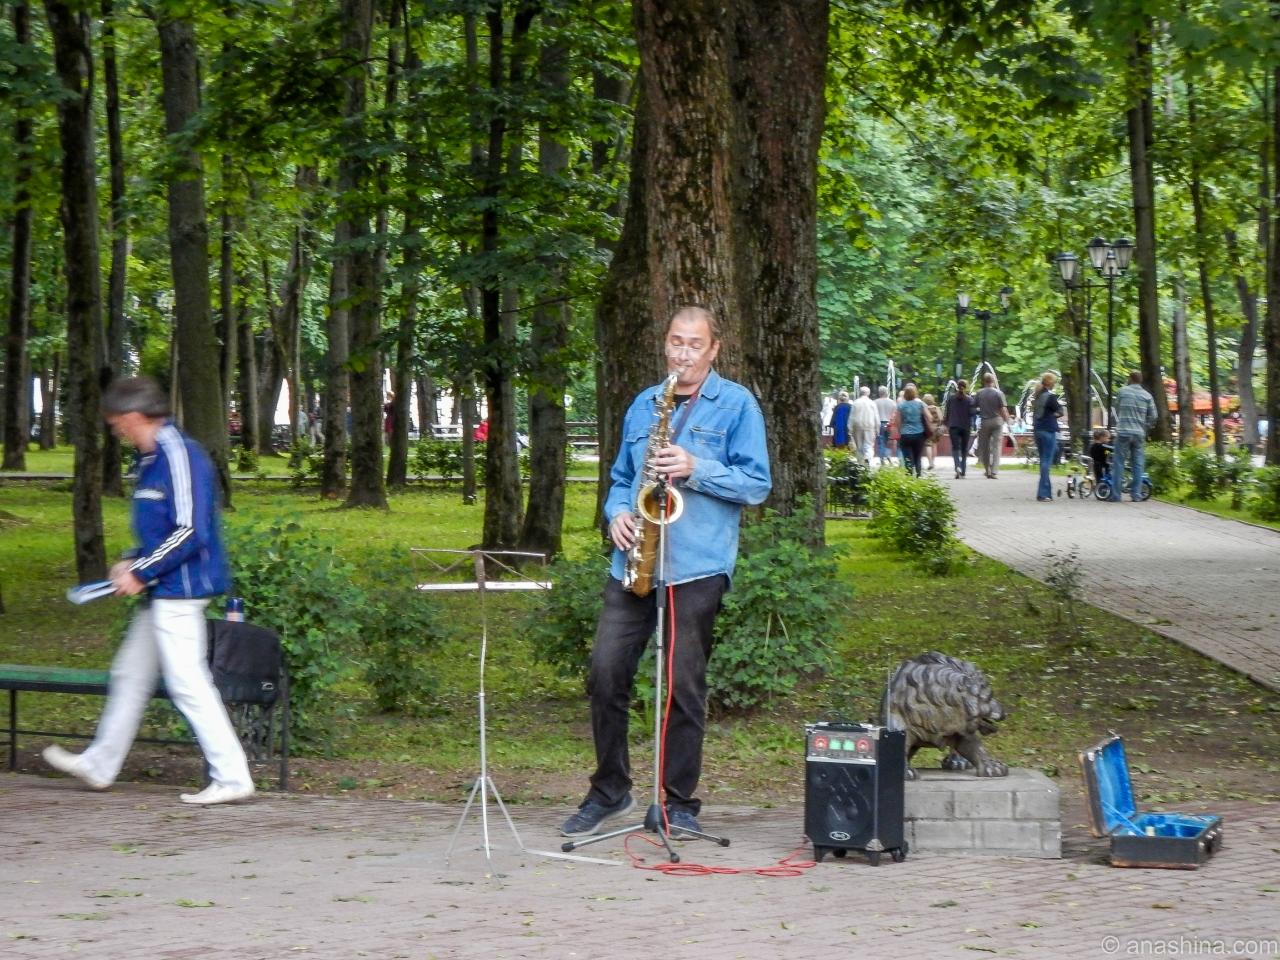 Музыканты рядом со статуей льва, сад Блонье, Смоленск